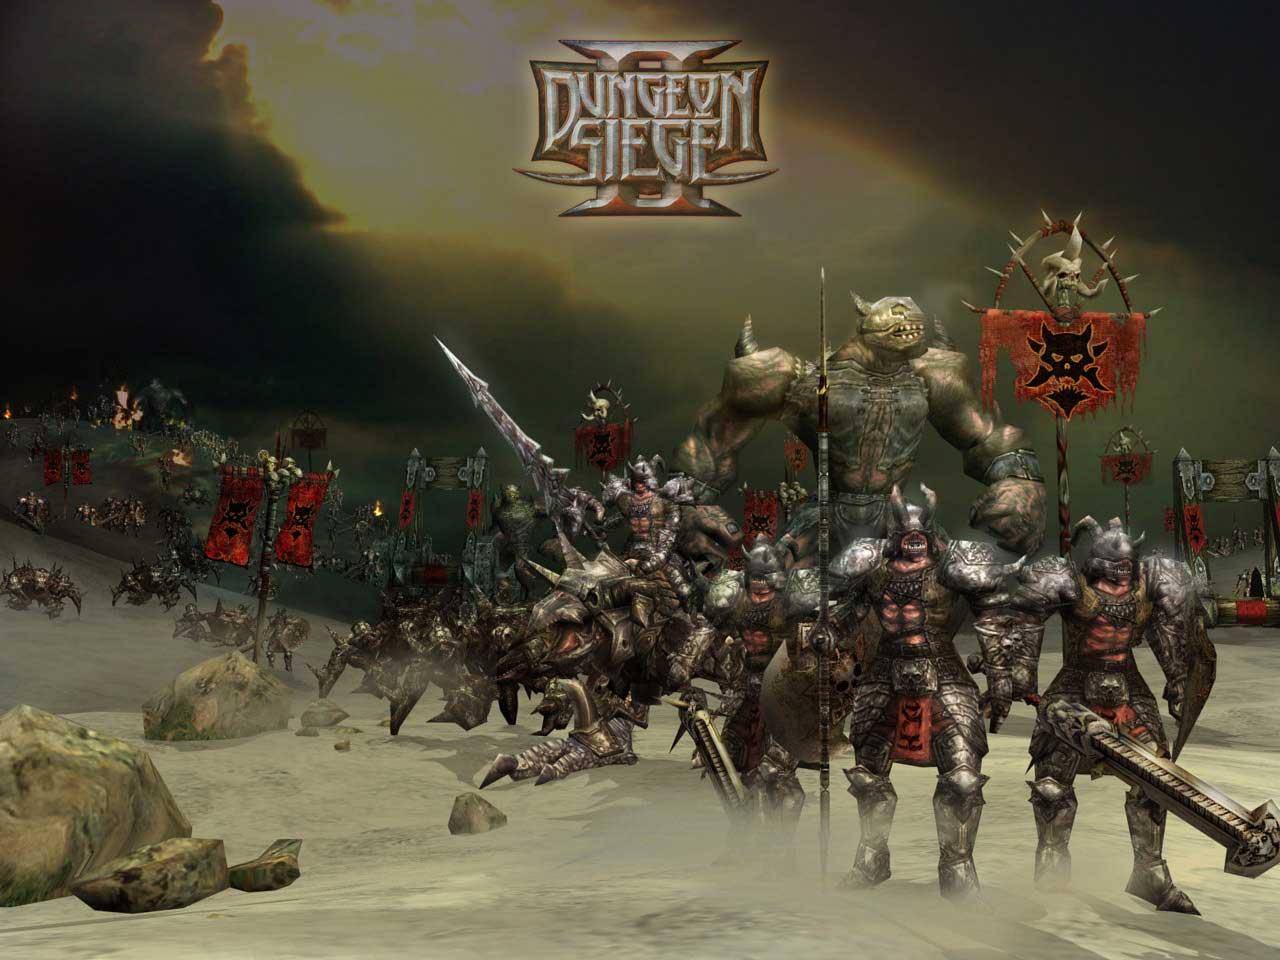 http://2.bp.blogspot.com/-p-SCV13NZRU/TiKOnvg-zSI/AAAAAAAABnk/G9R5y0XWtA0/s1600/Dungeon+Siege+2+%25282%2529.jpg